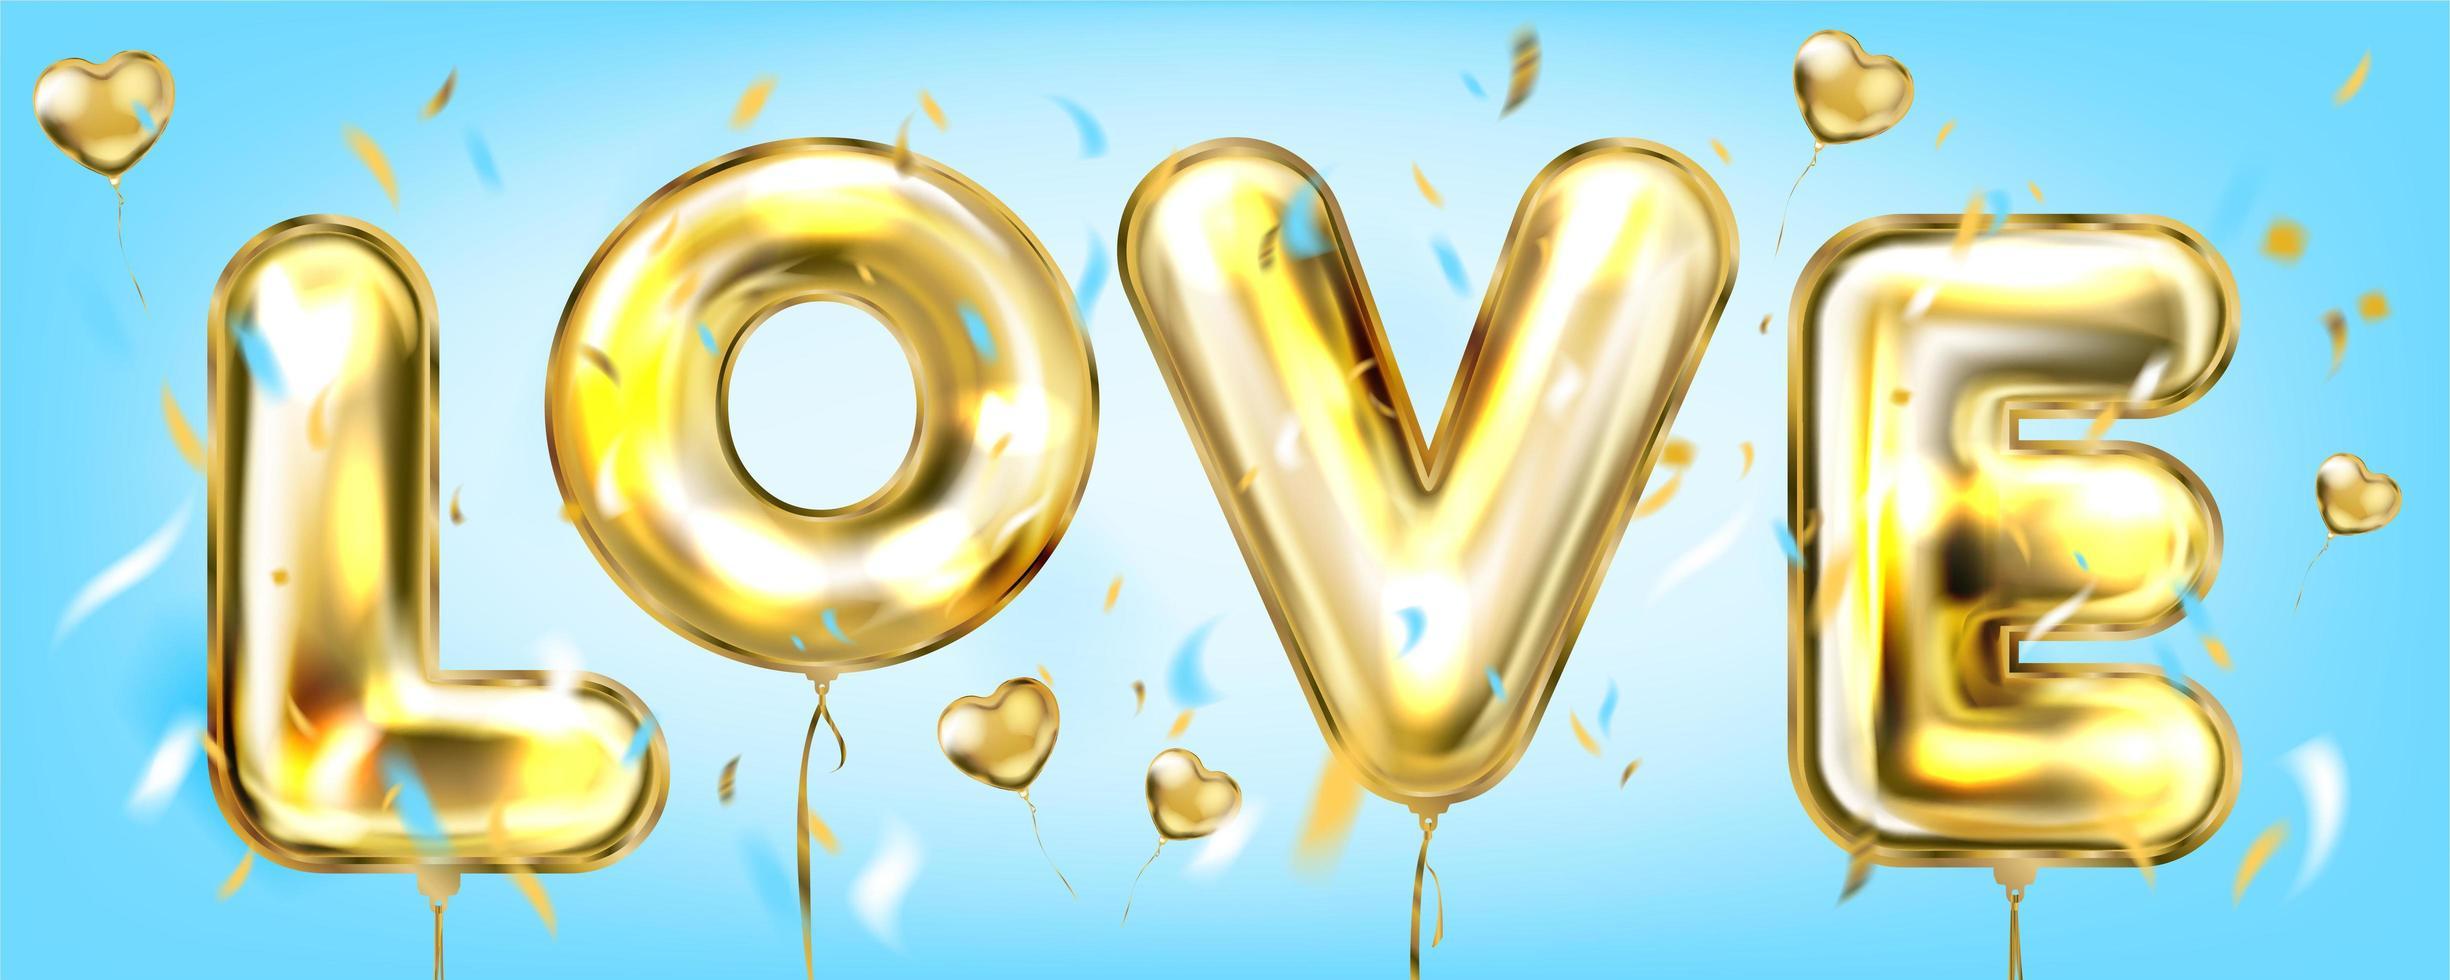 kärlek i ett himmelblått banner vektor